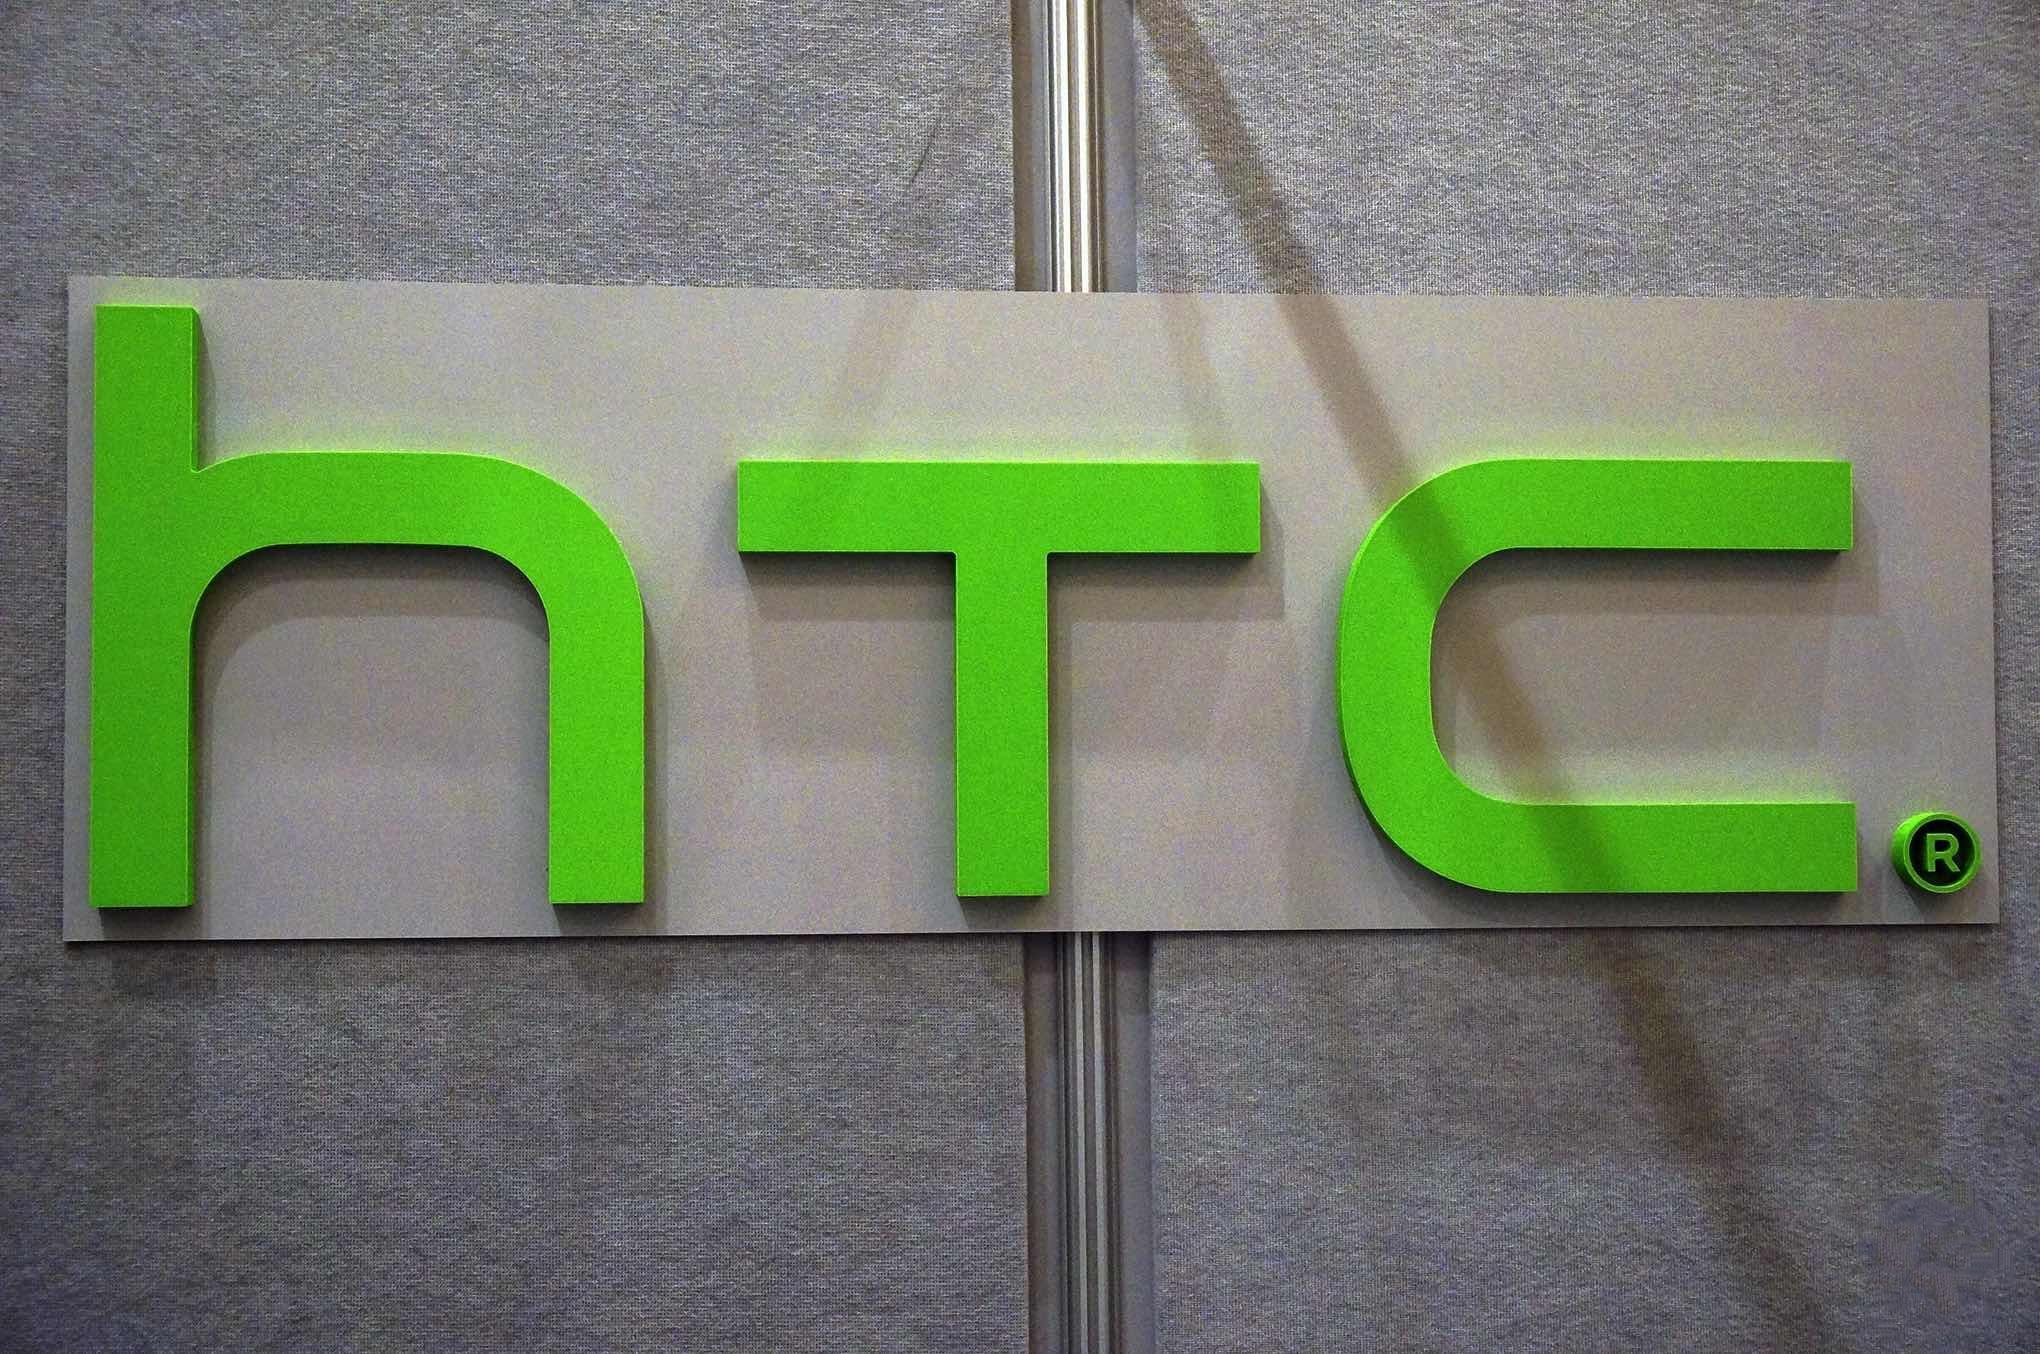 HTC выпустит мини-версию телефона U11